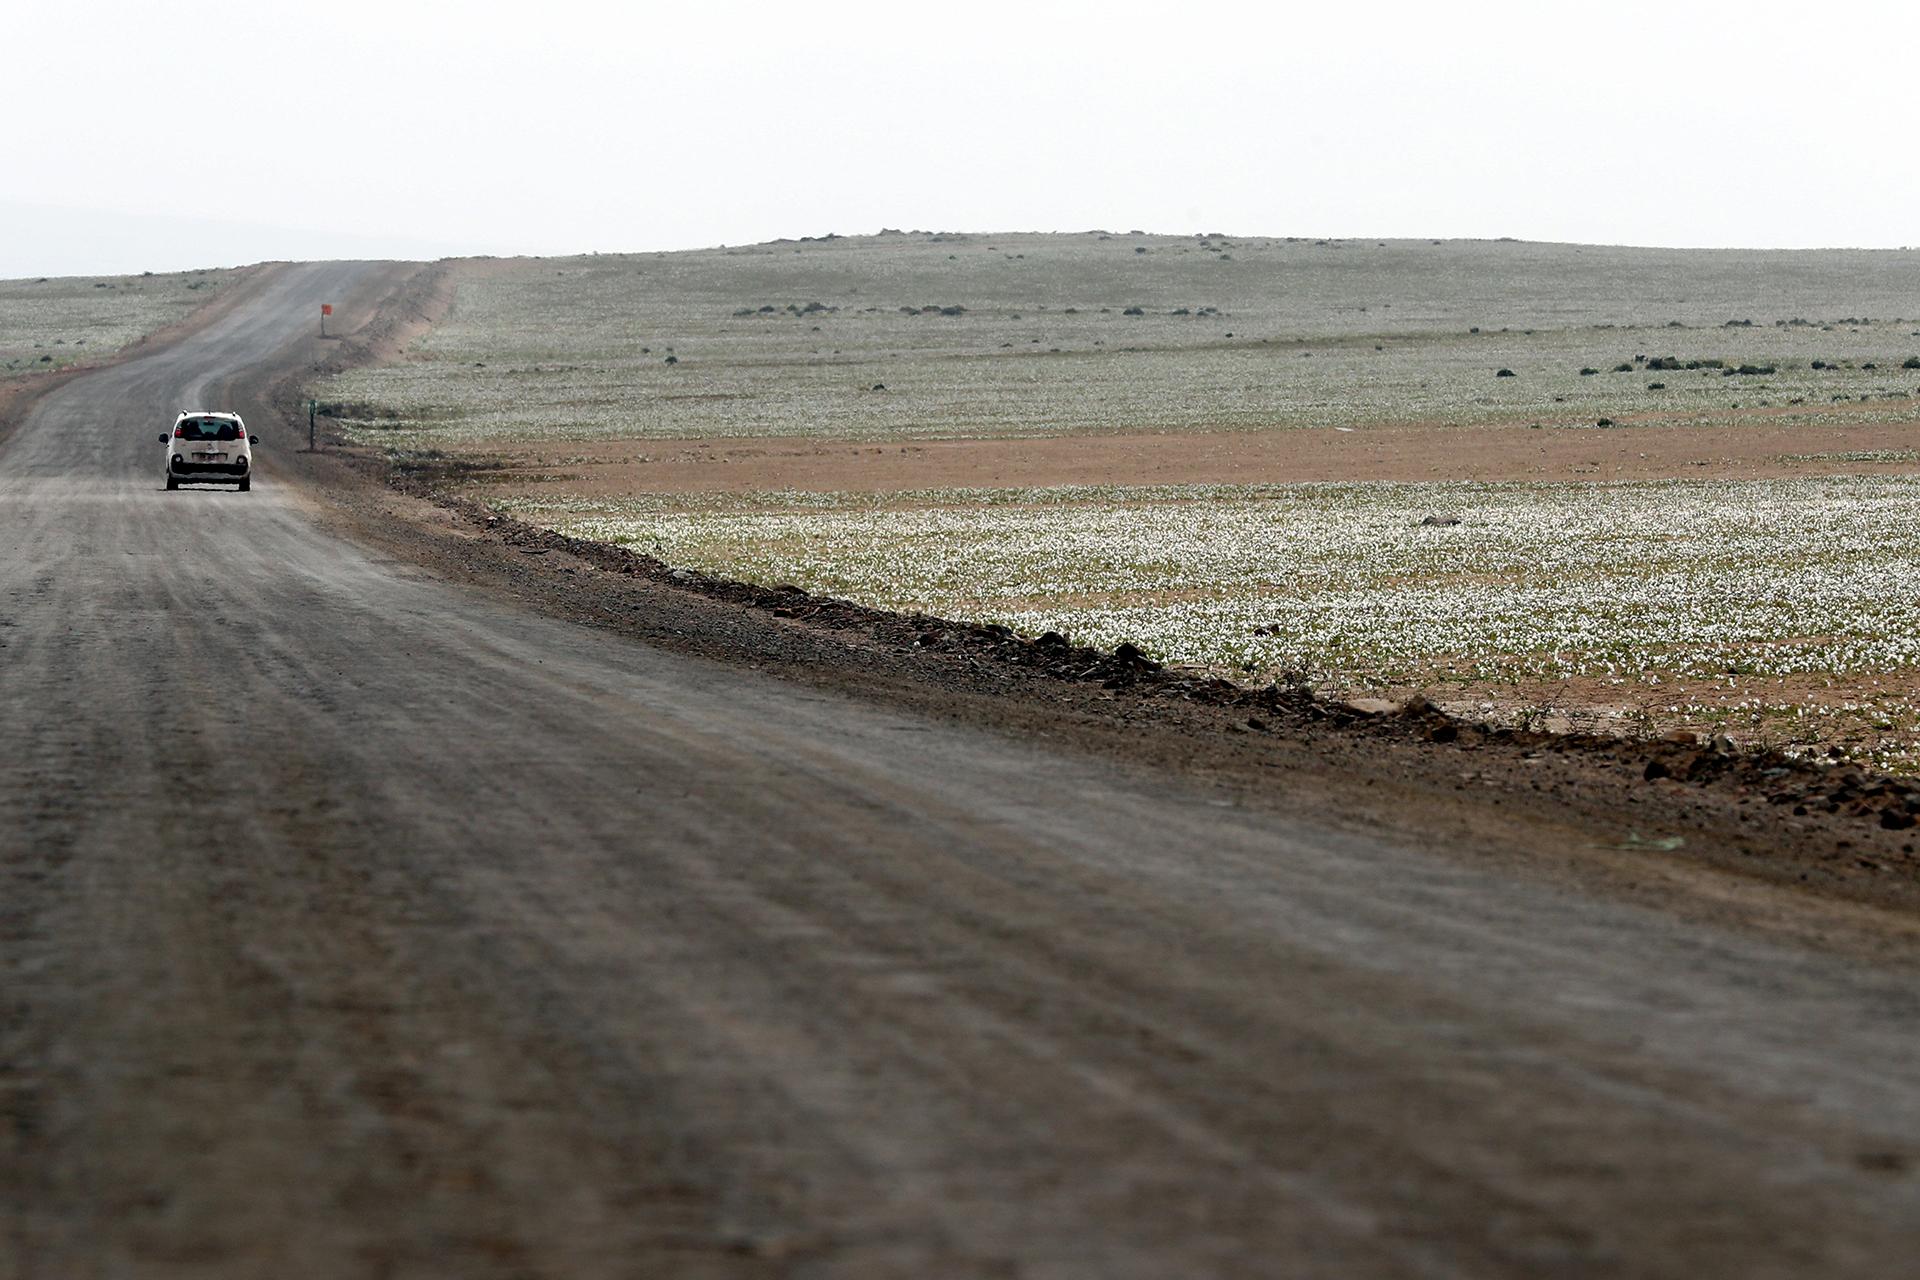 Vista del manto de flores en el desierto de Atacama el lunes 21 de agosto de 2017 (EFE)